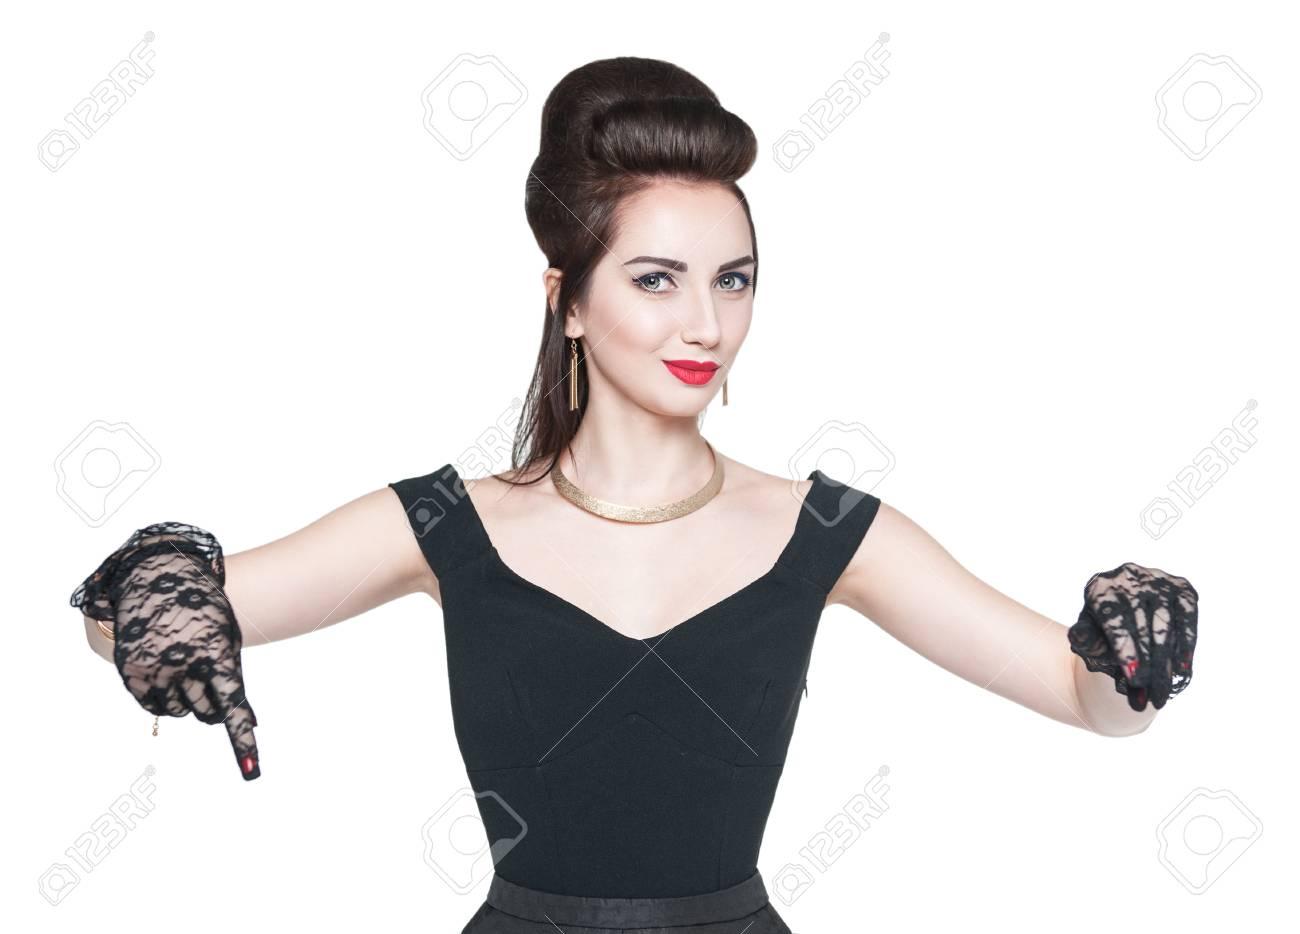 Jonge Mooie Vrouw In Retro Pin Up Stijl Laten Zien Op Iets Door De Vinger Geïsoleerde